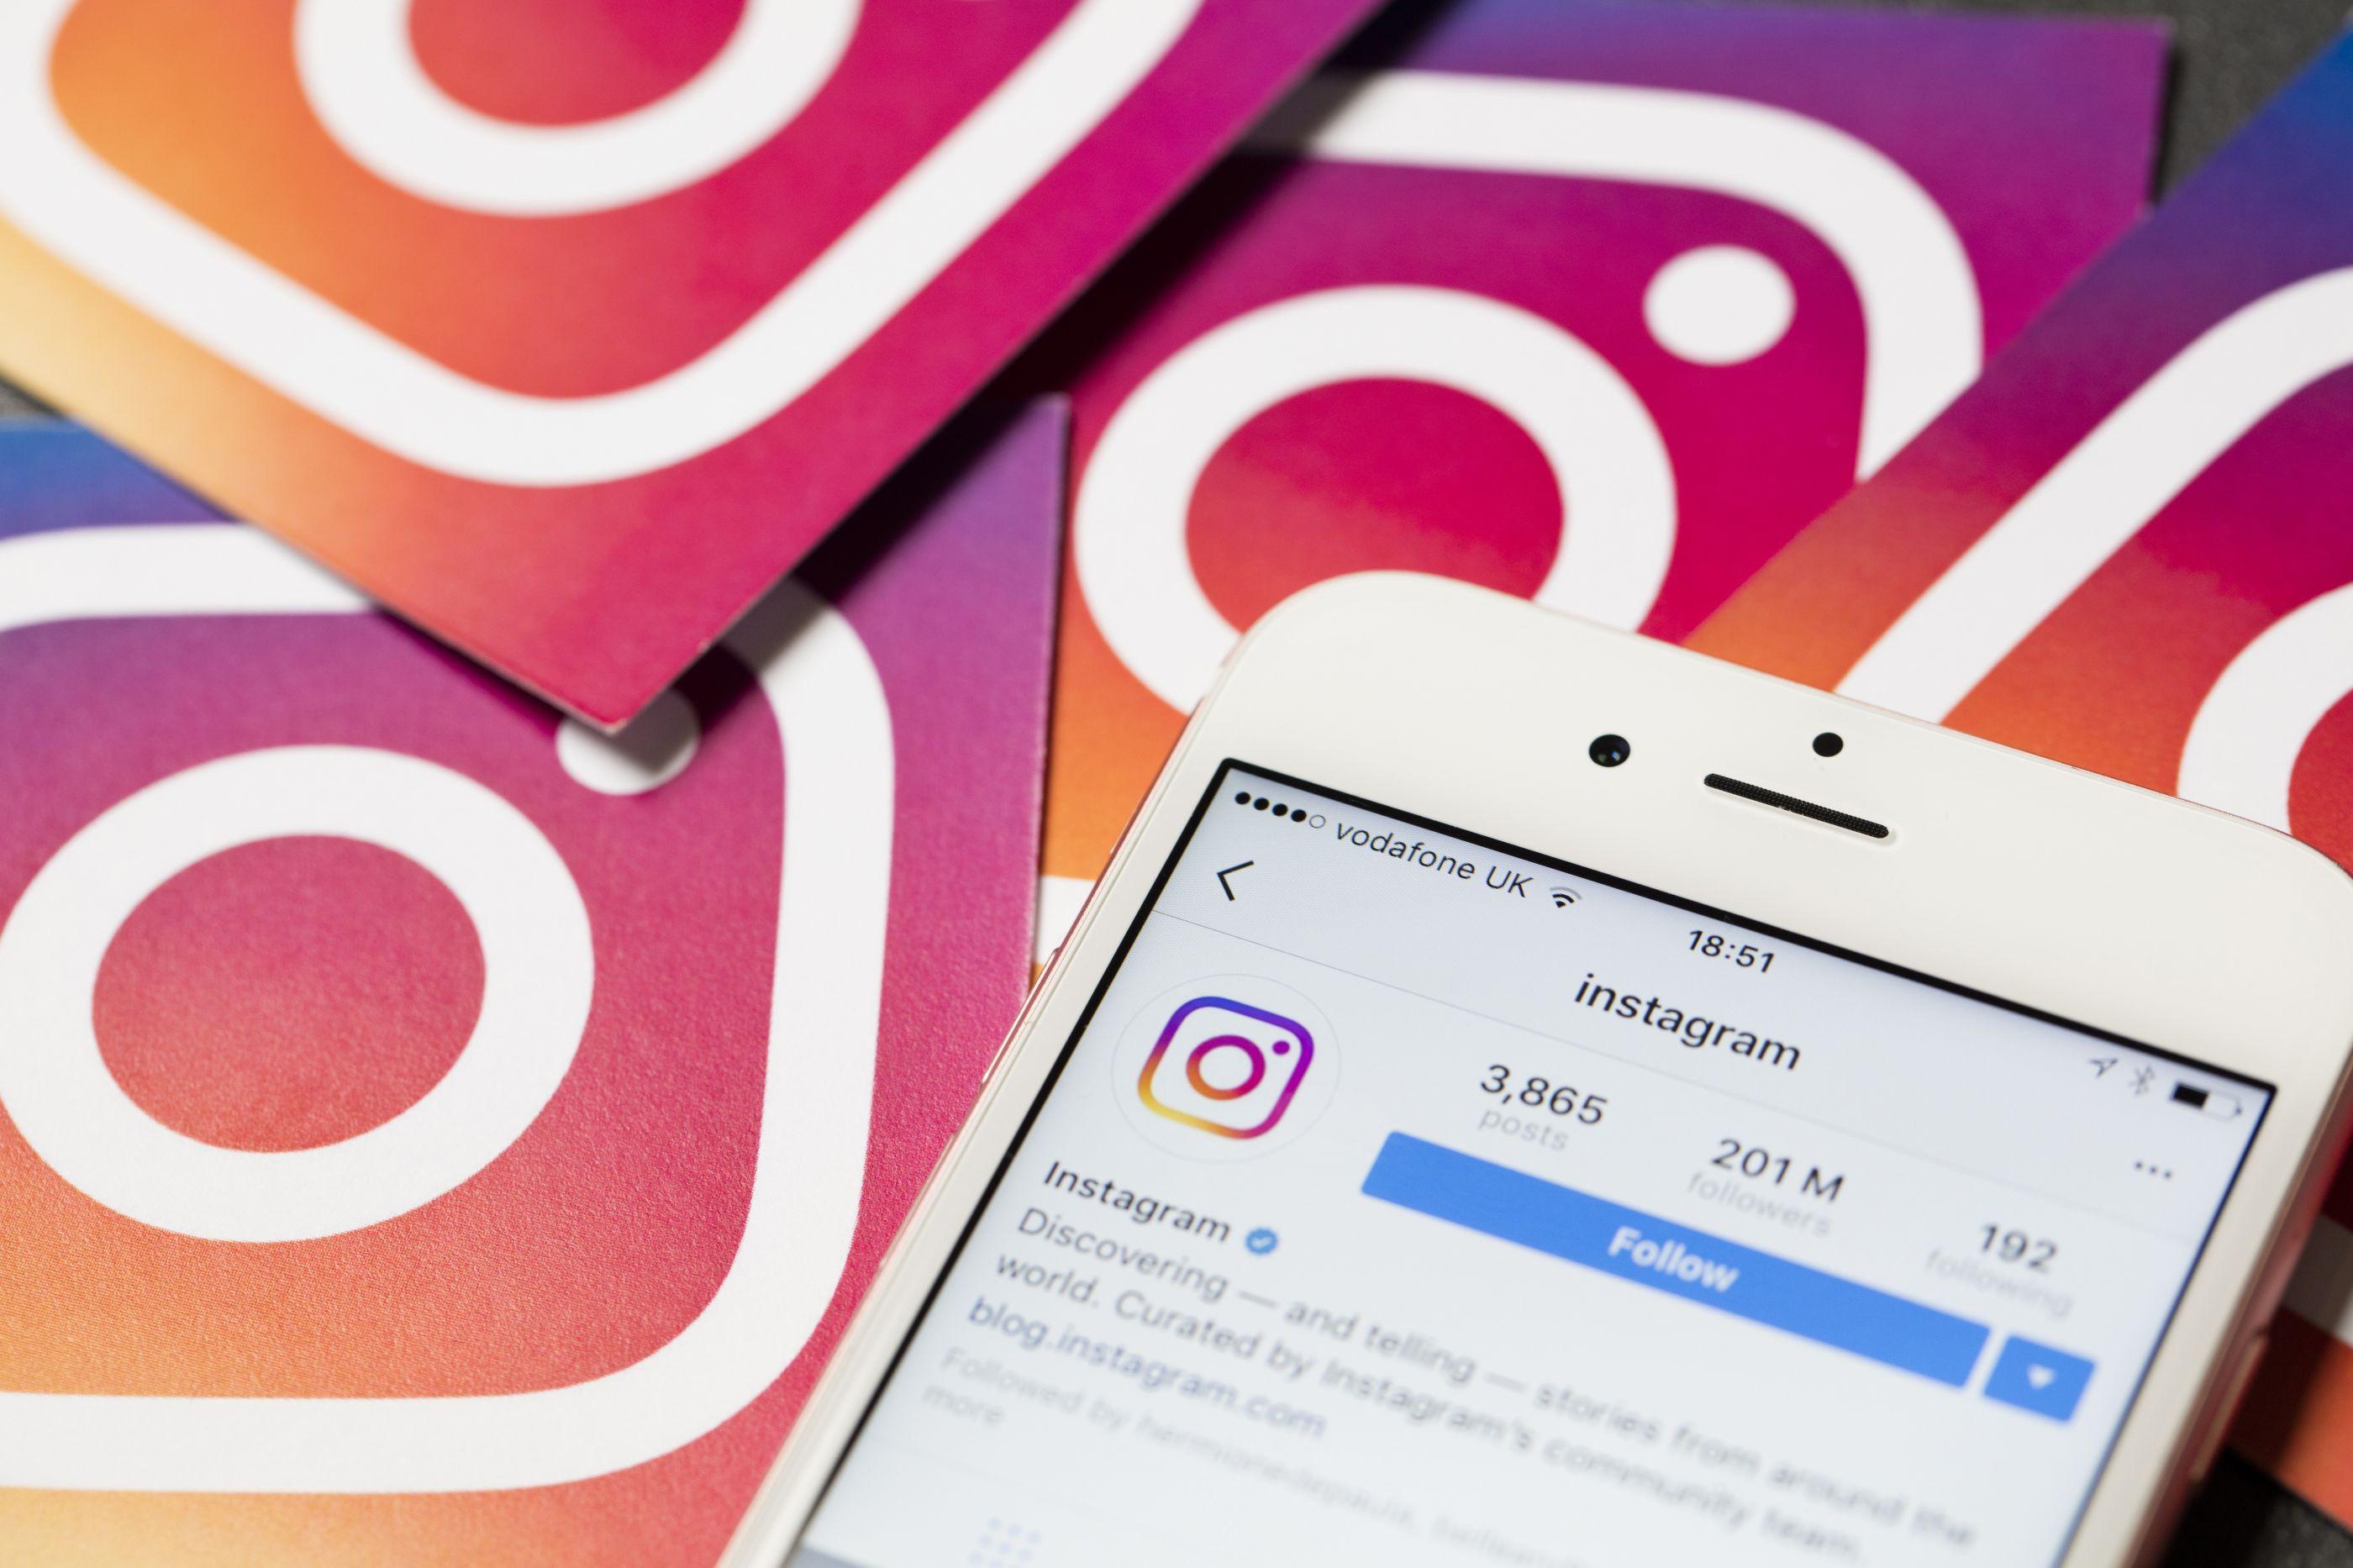 Instagram anuncia que vai proibir imagens de automutilação